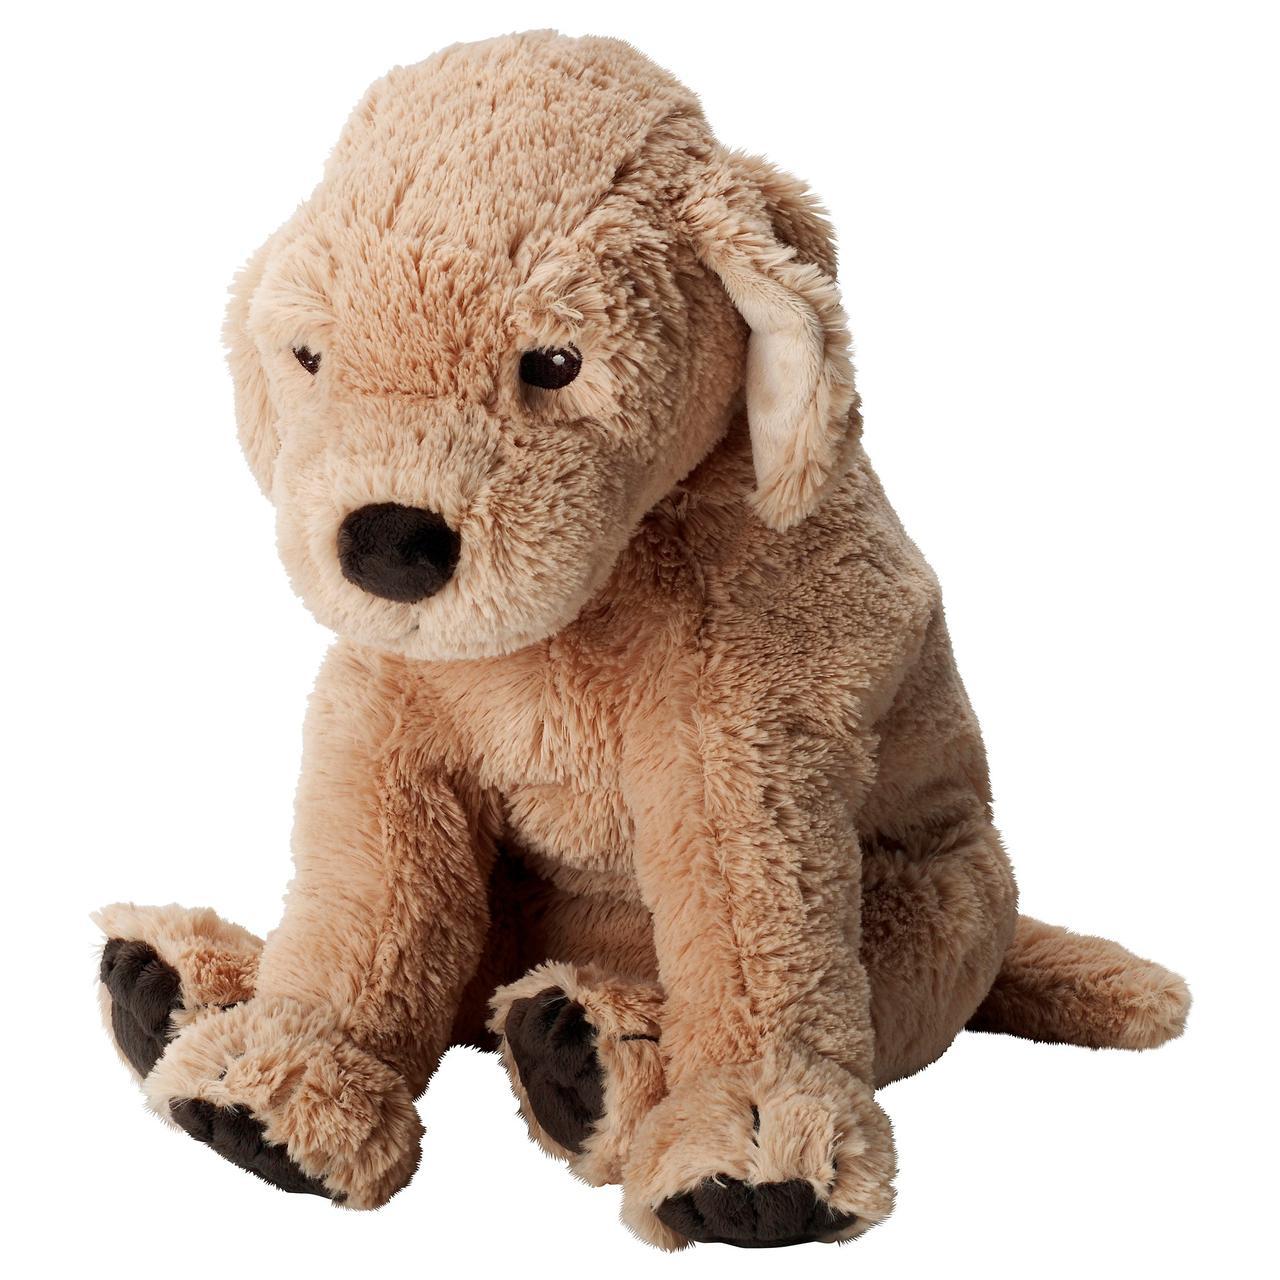 ГОСИГ ГОЛДЕН Мягкая игрушка, собака, золотистый ретривер